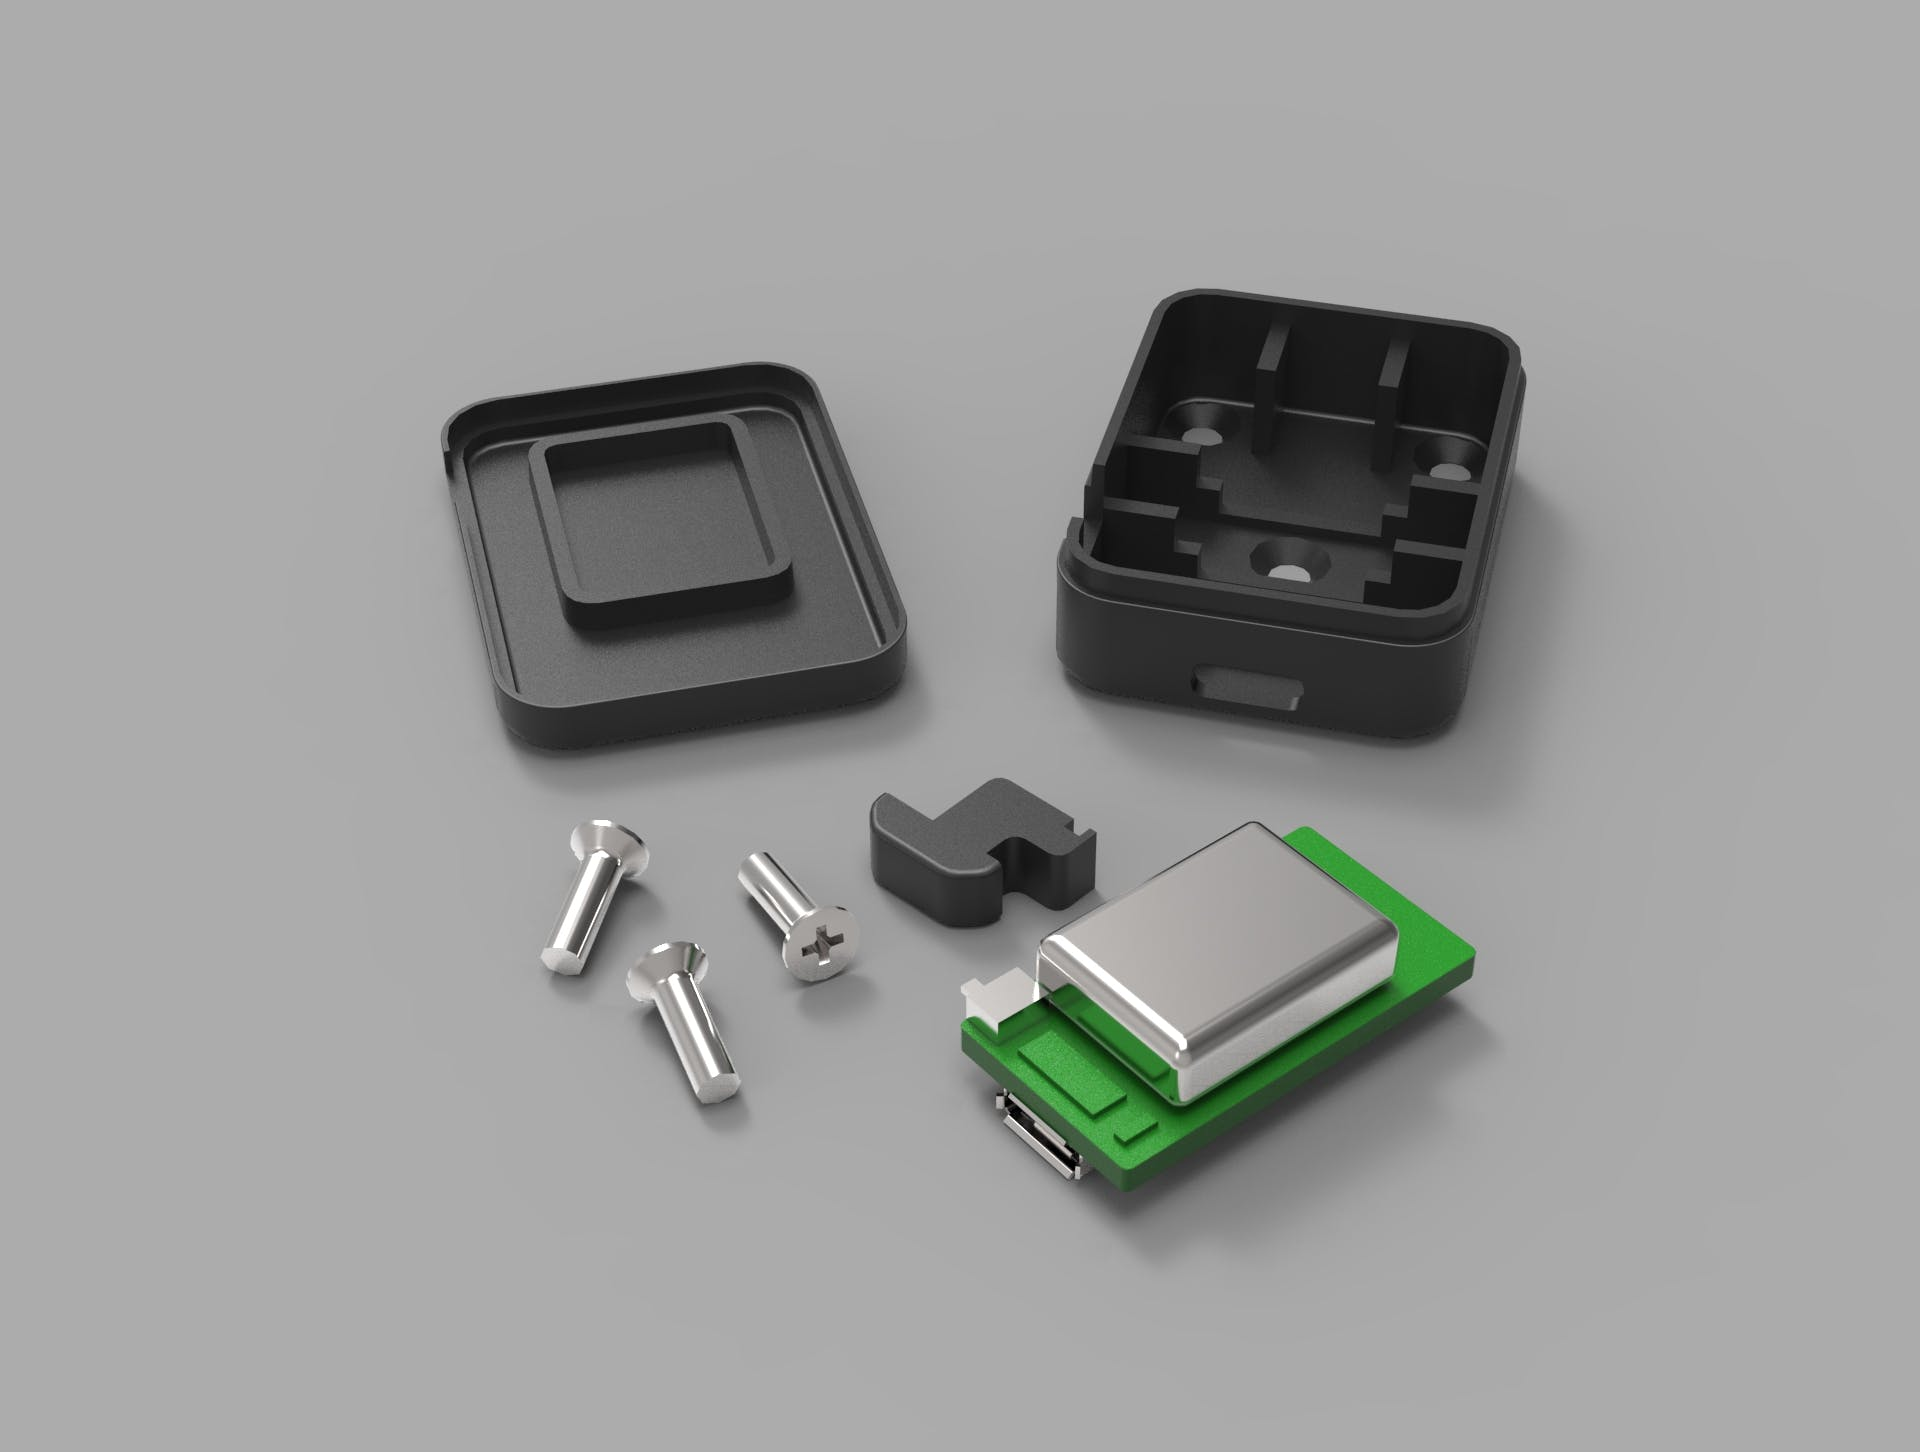 Enclosure for a versatile nanoHub gym tracker gadget.